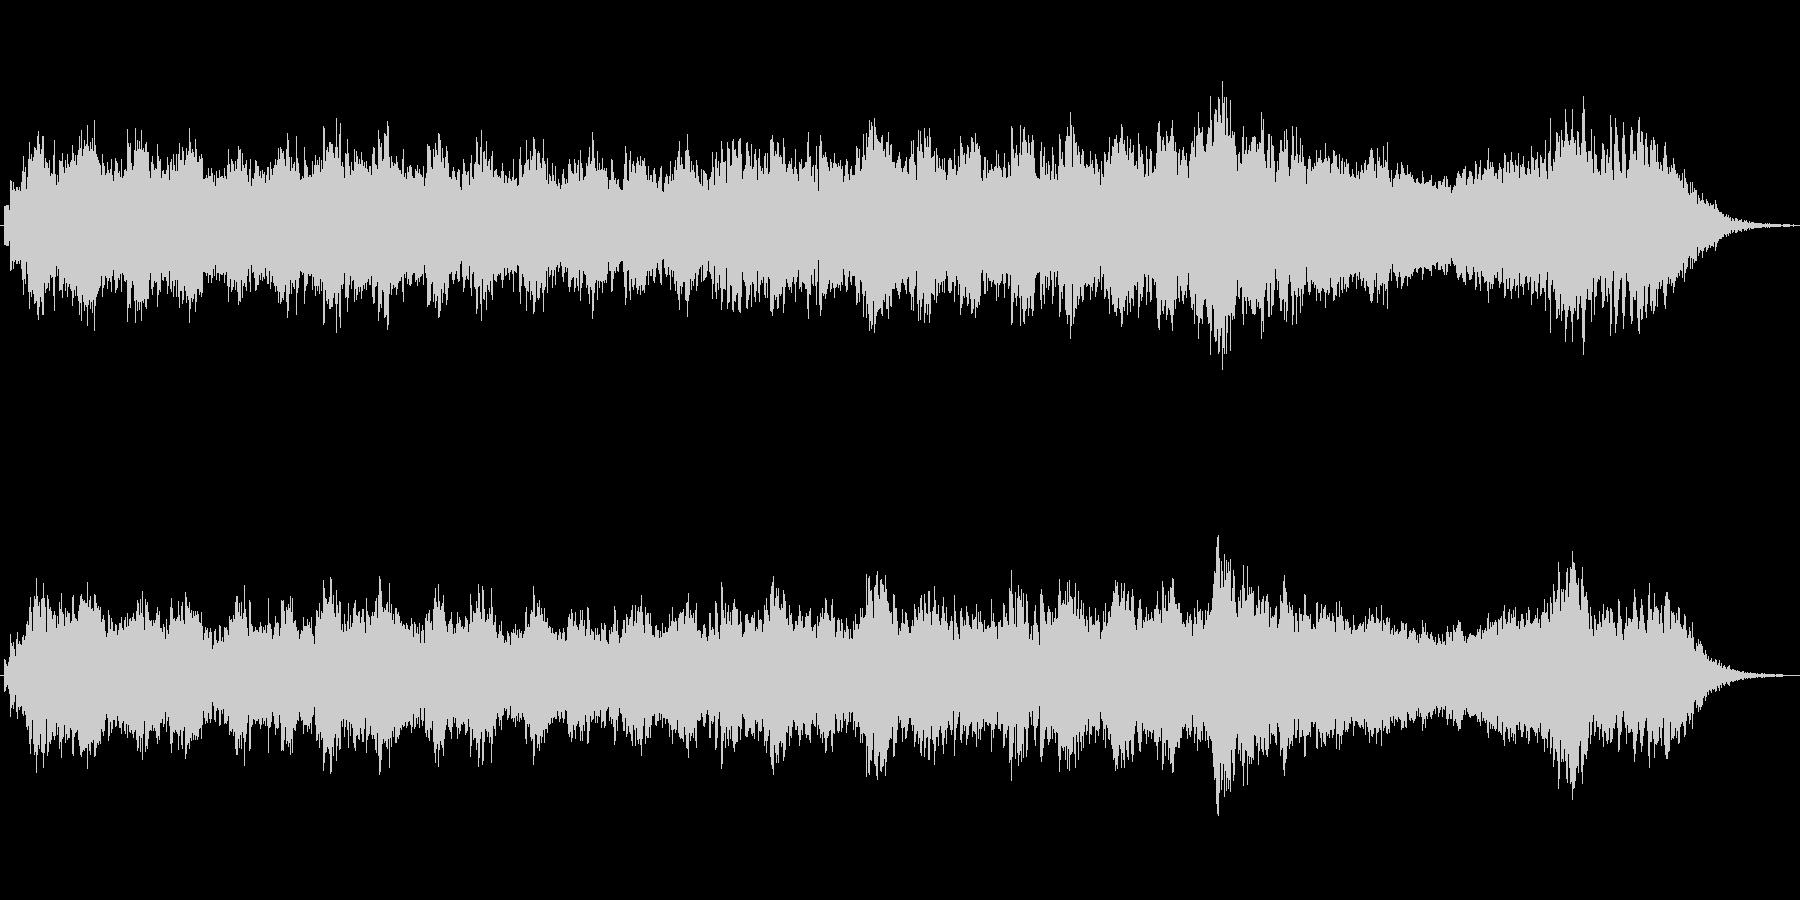 シンセベルによるメルヘンの世界のジングルの未再生の波形